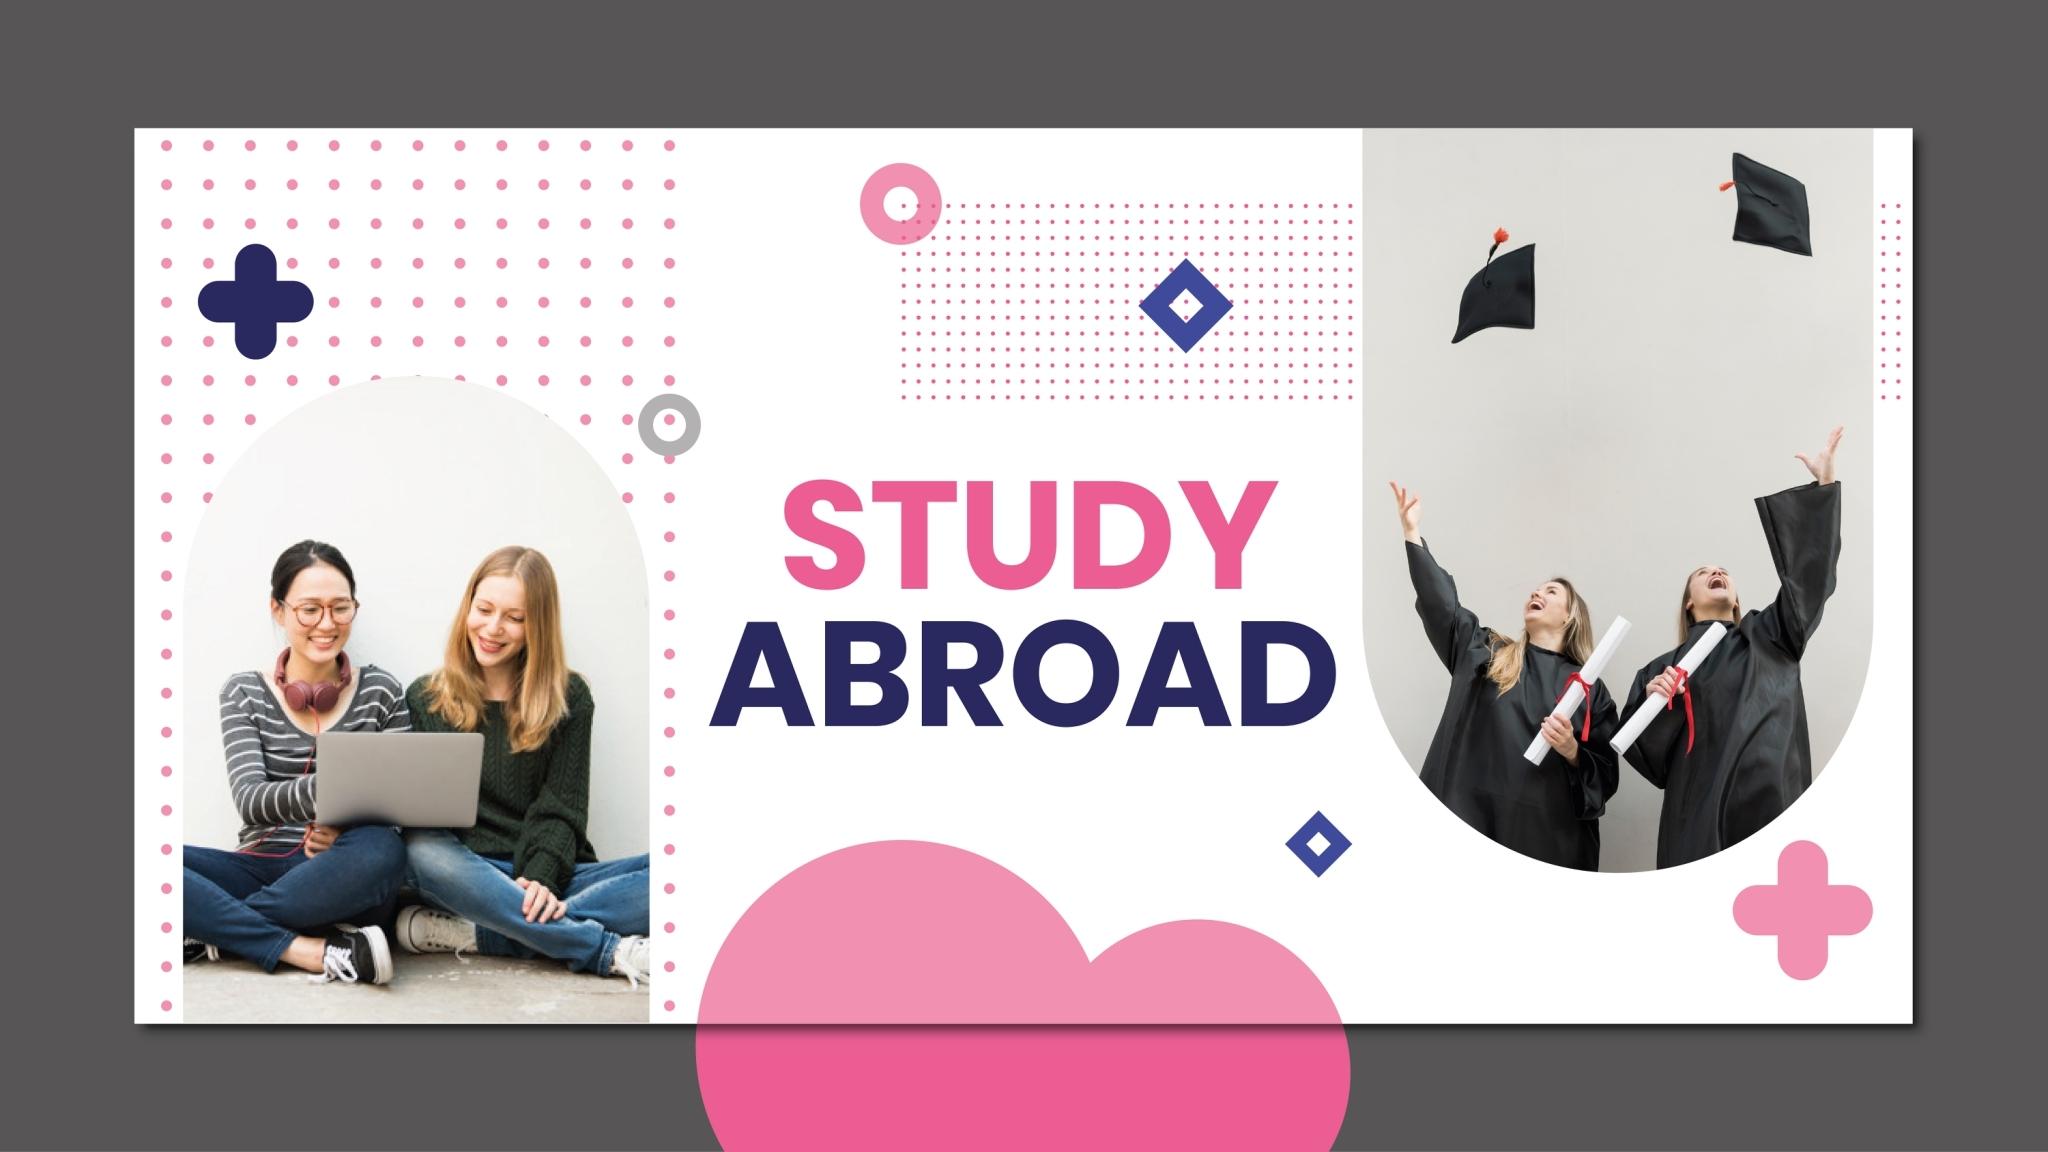 เรียนปริญญาตรีปต่างประเทศ  Bachelor Degree ต่างประเทศ